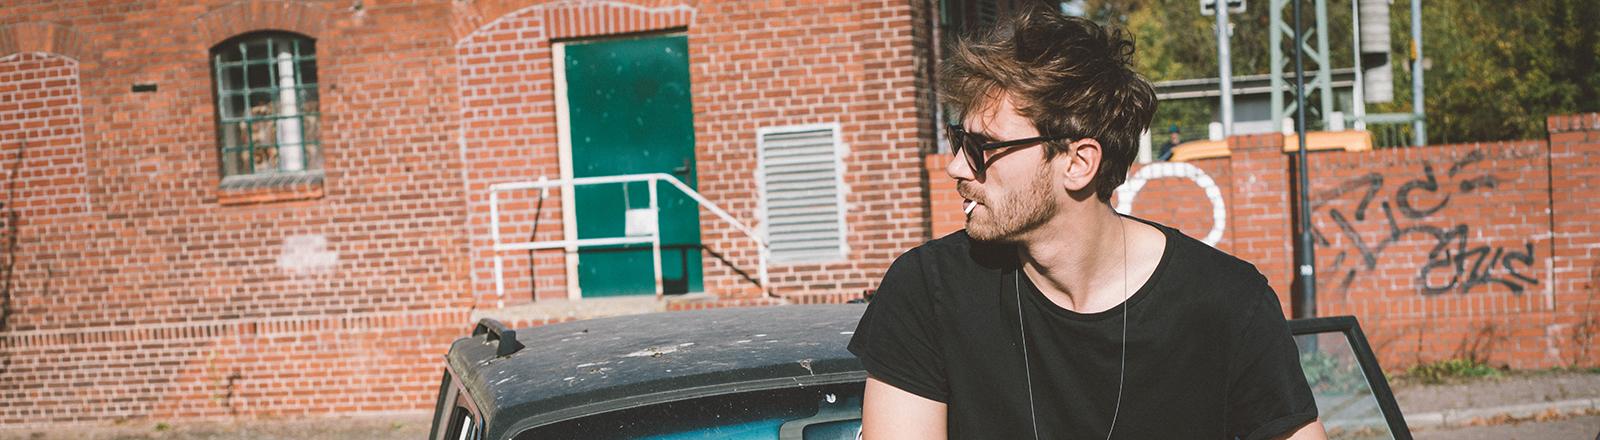 Eine Mann sitzt auf einem Auto und dreht sich eine Zigarette.